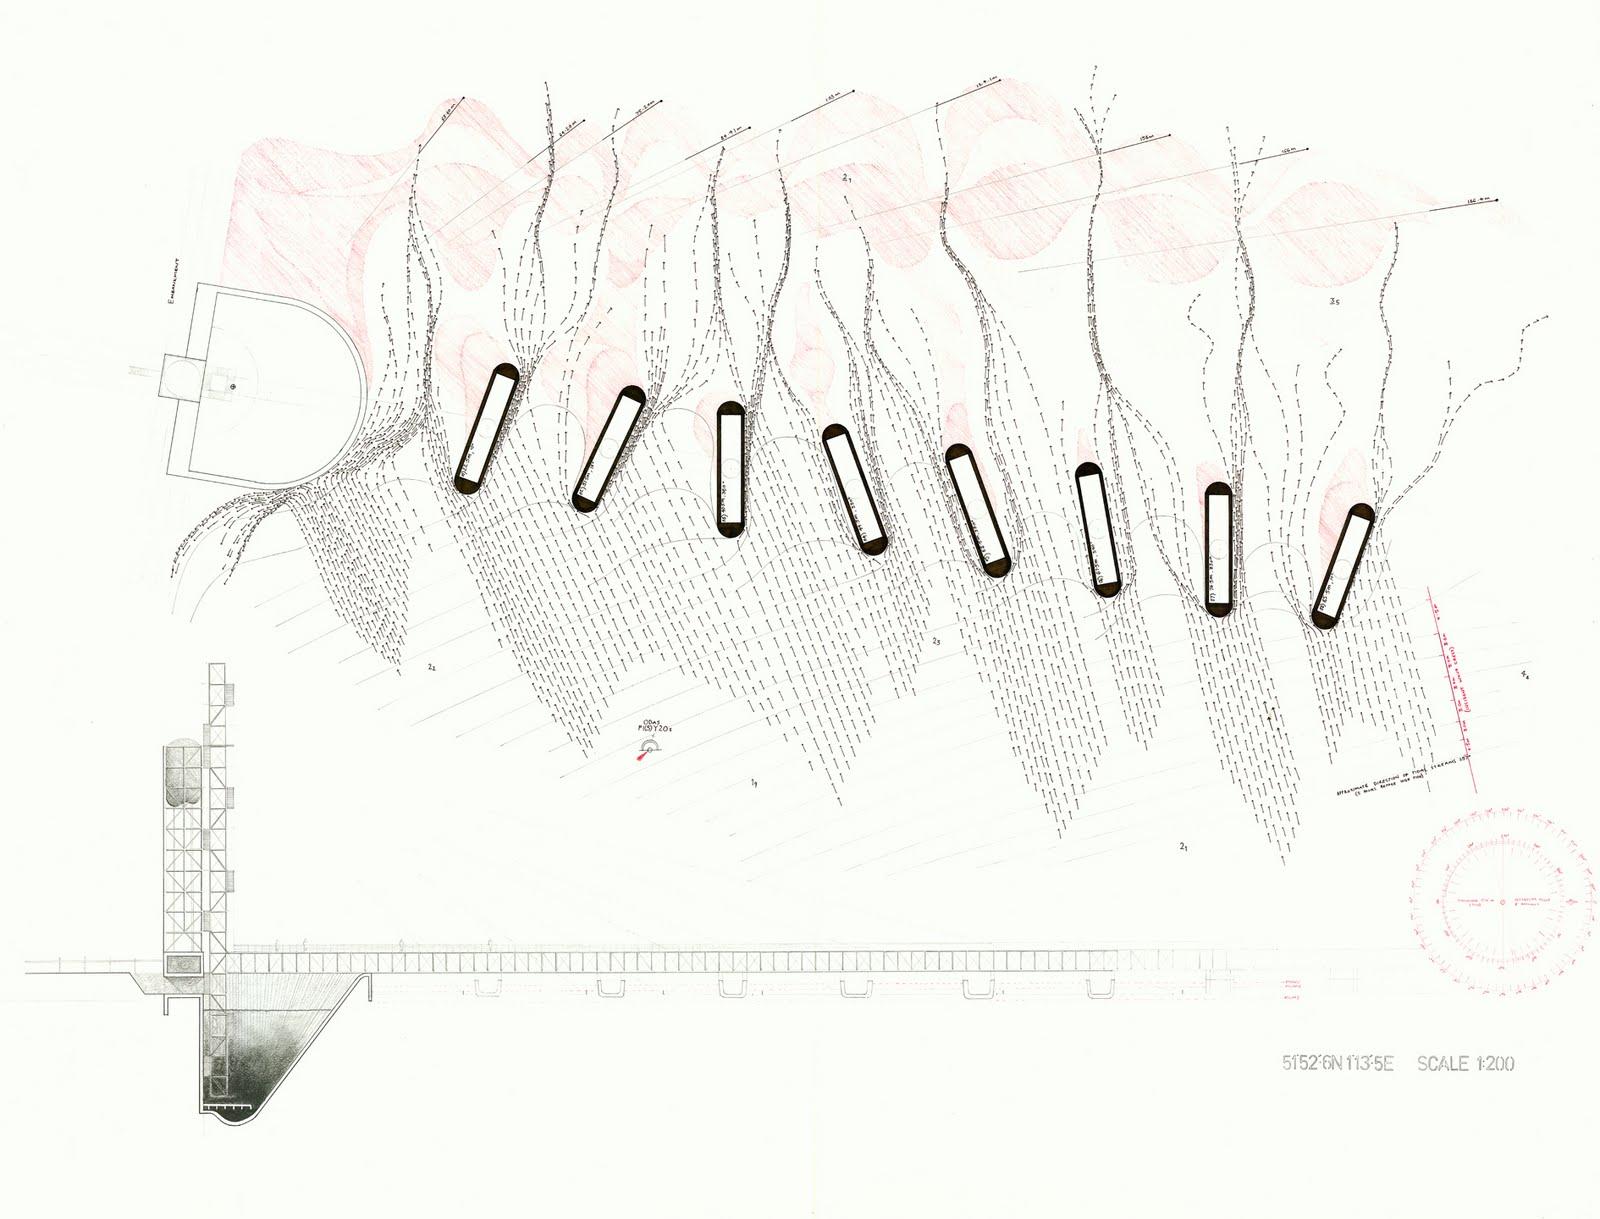 Landscape Architecture Constructed Landscape Geomorphology